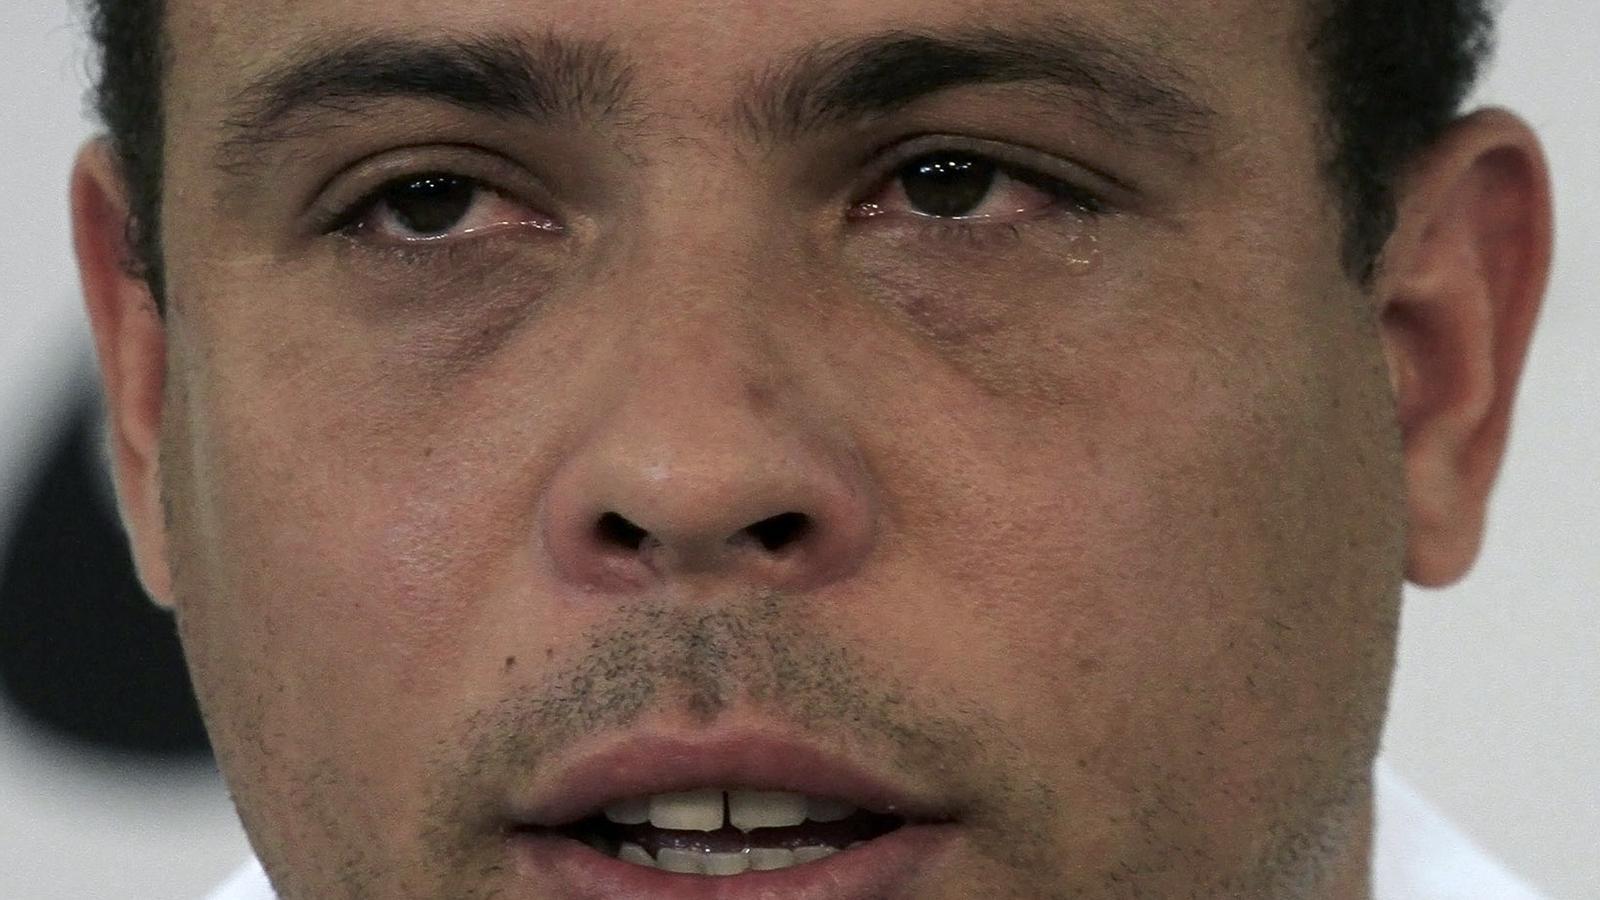 Ronaldo, amb els ulls plorosos, en comunicar ahir que abandona la pràctica del futbol professional. / NACHE DOCE / REUTERS